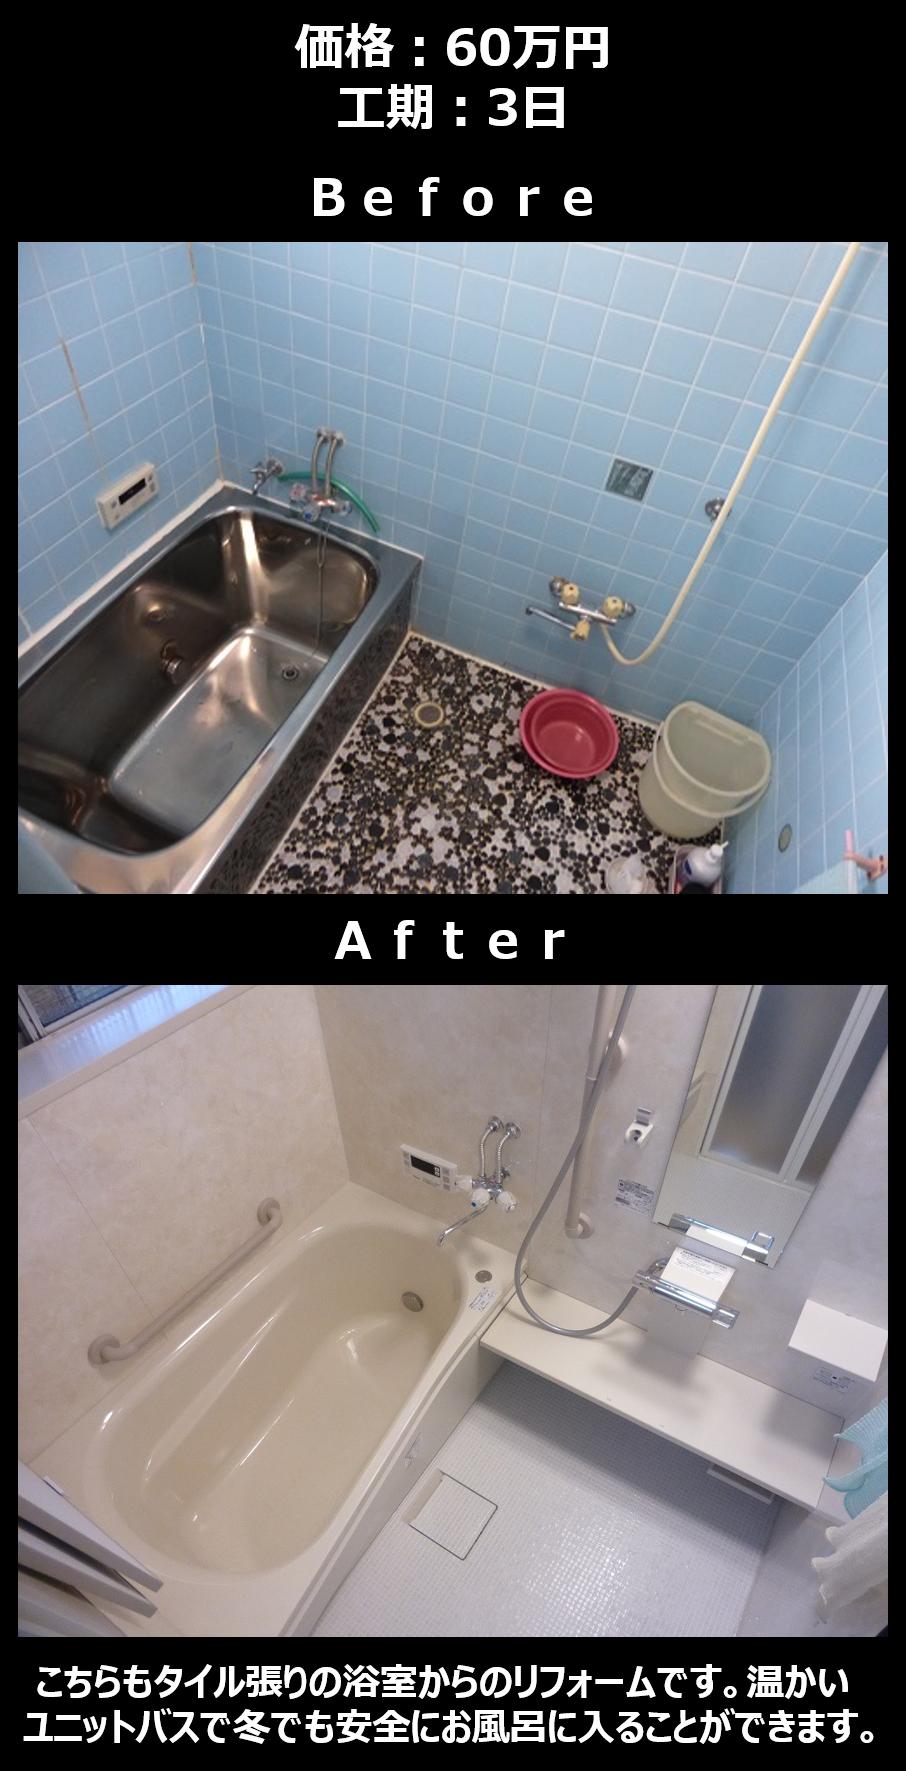 ベーシッククラスのお風呂の事例(価格帯:50万円〜)2